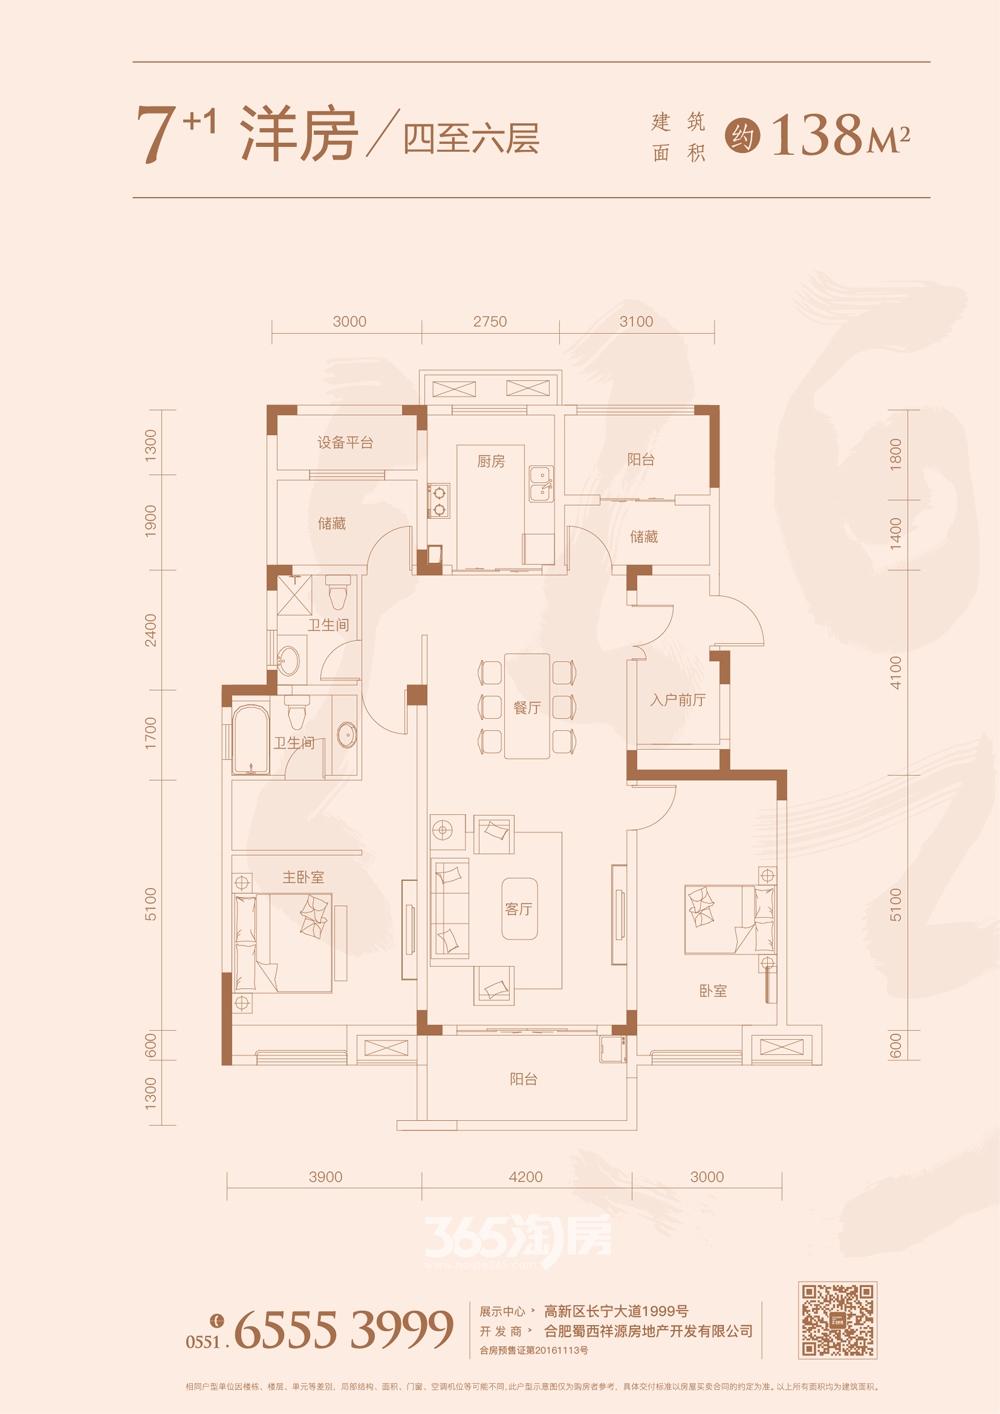 祥源金港湾7+1洋房四至六层户型图